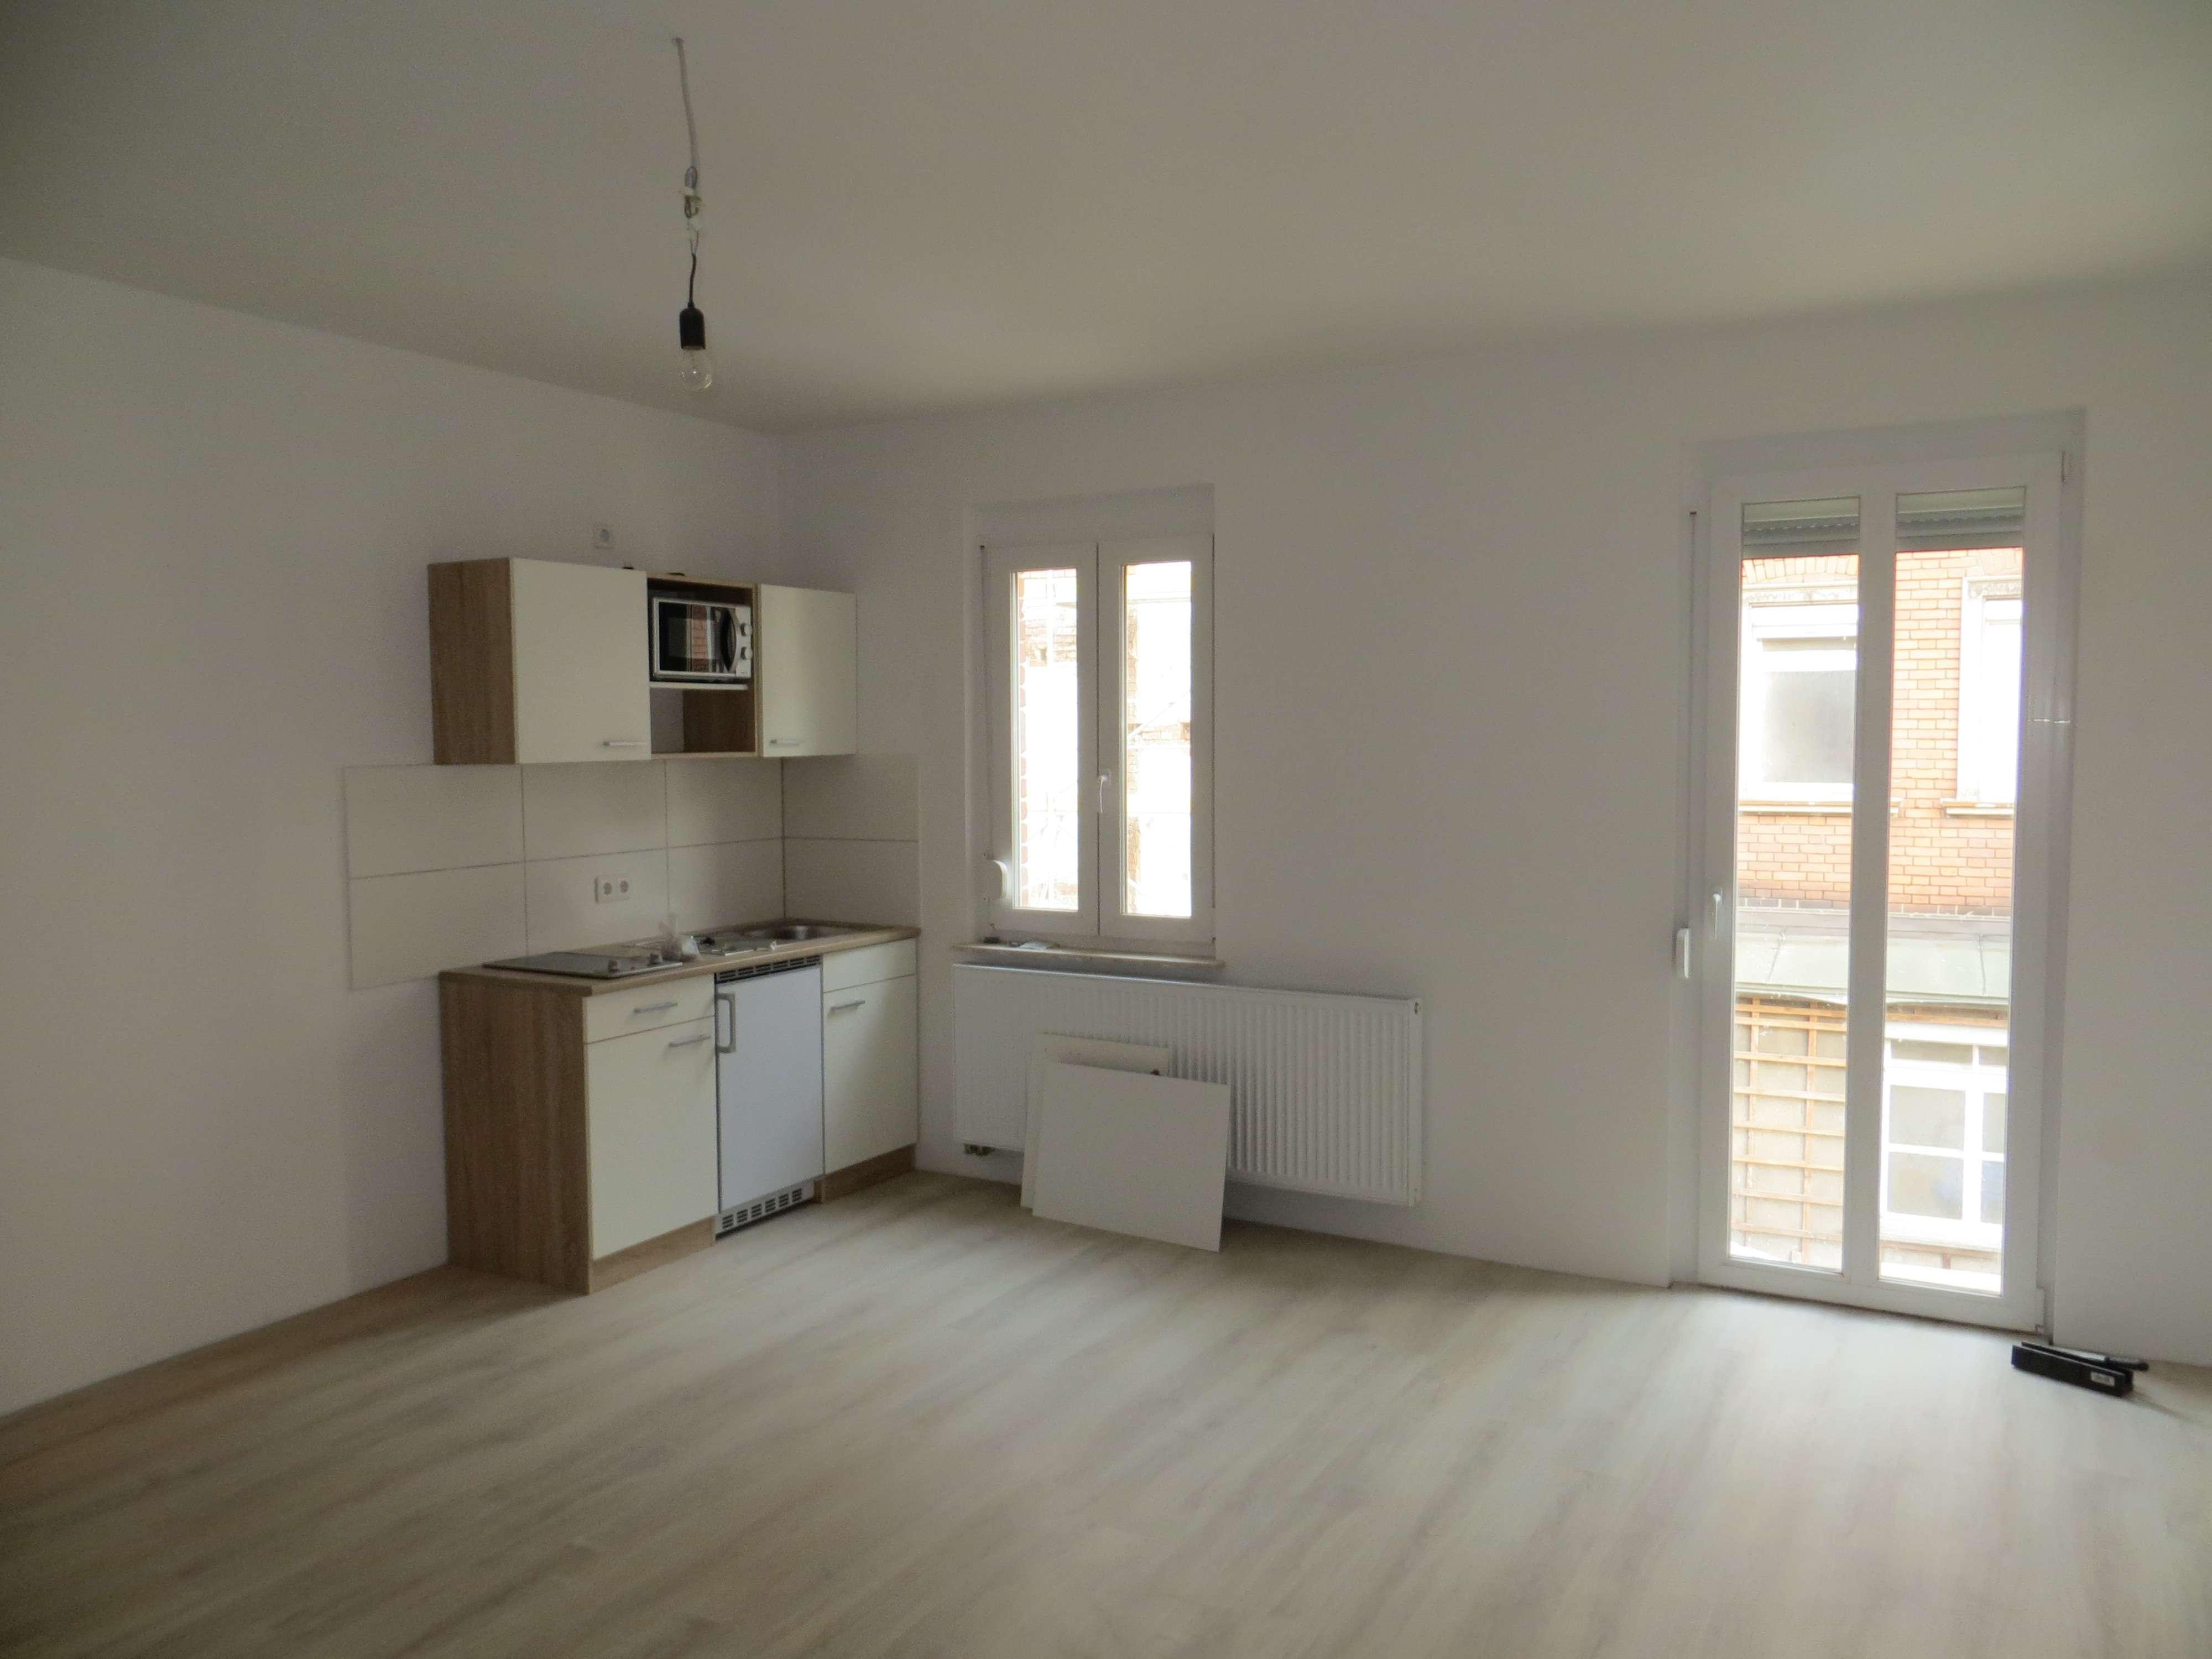 Schicke 1,5 Zimmerwohnungen in Nürnberg/Schniegling mit Einbauküche**Erstbezug nach Kernsanierung** in Schniegling (Nürnberg)